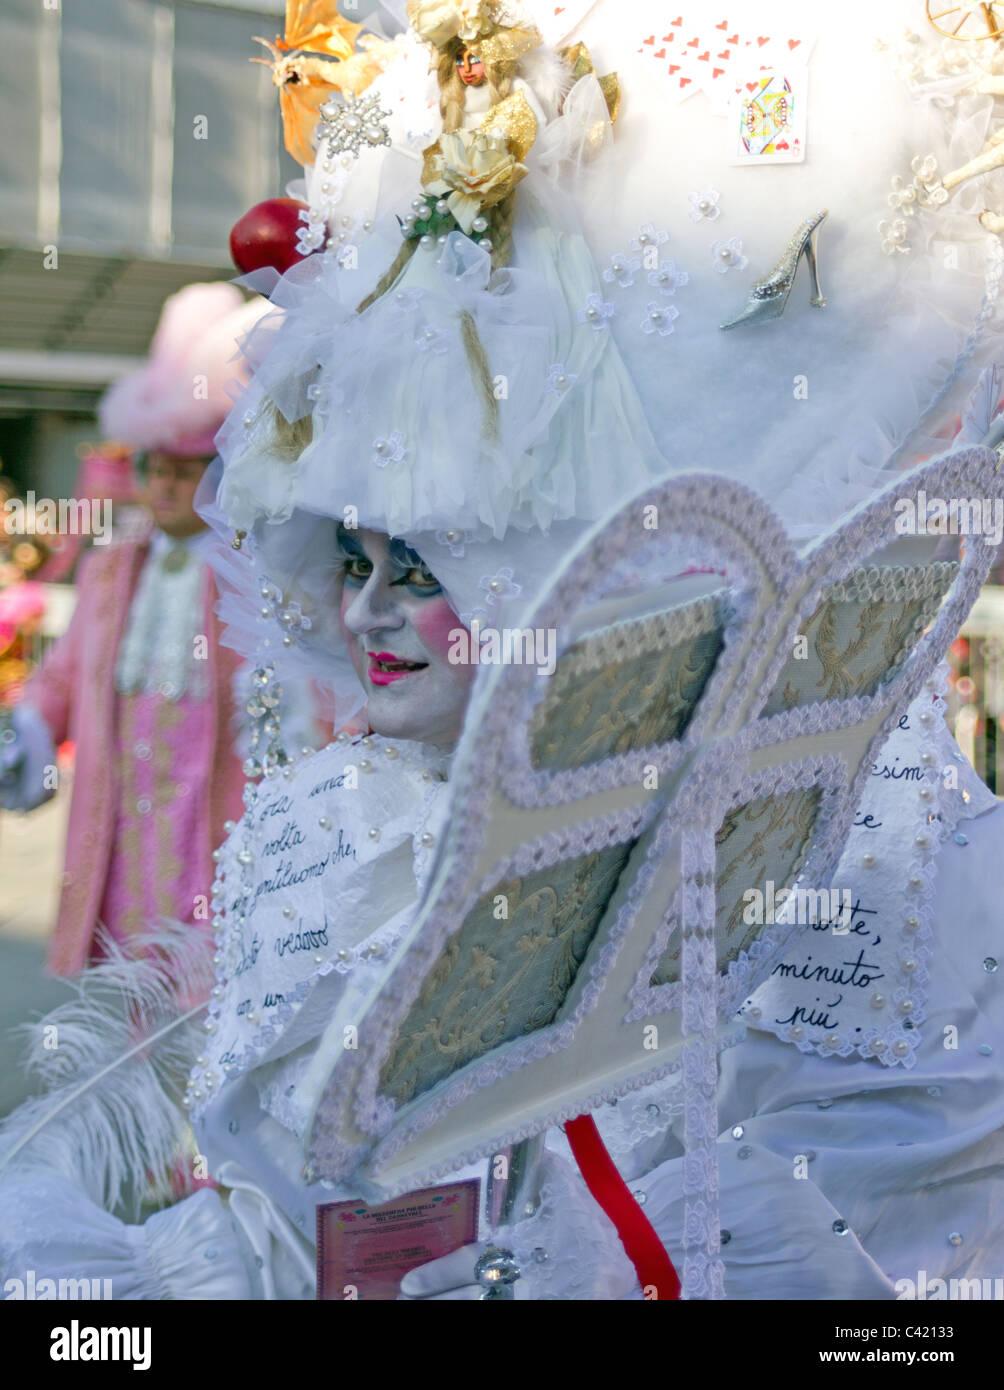 Extreme costuming - Stock Image